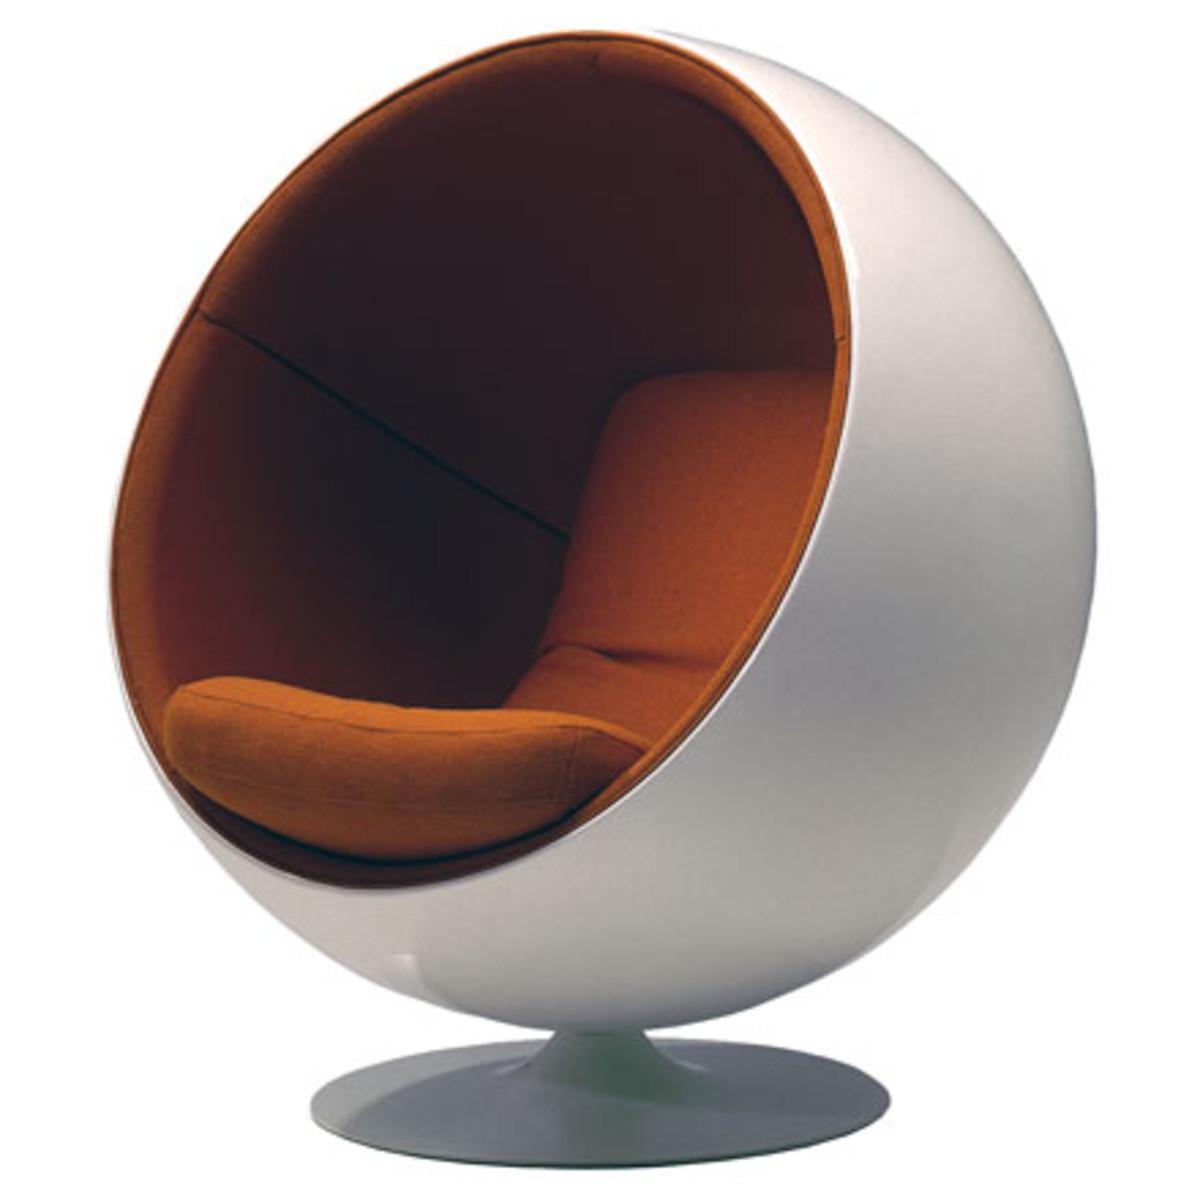 la sedia esempi di sedie da collezione. Black Bedroom Furniture Sets. Home Design Ideas